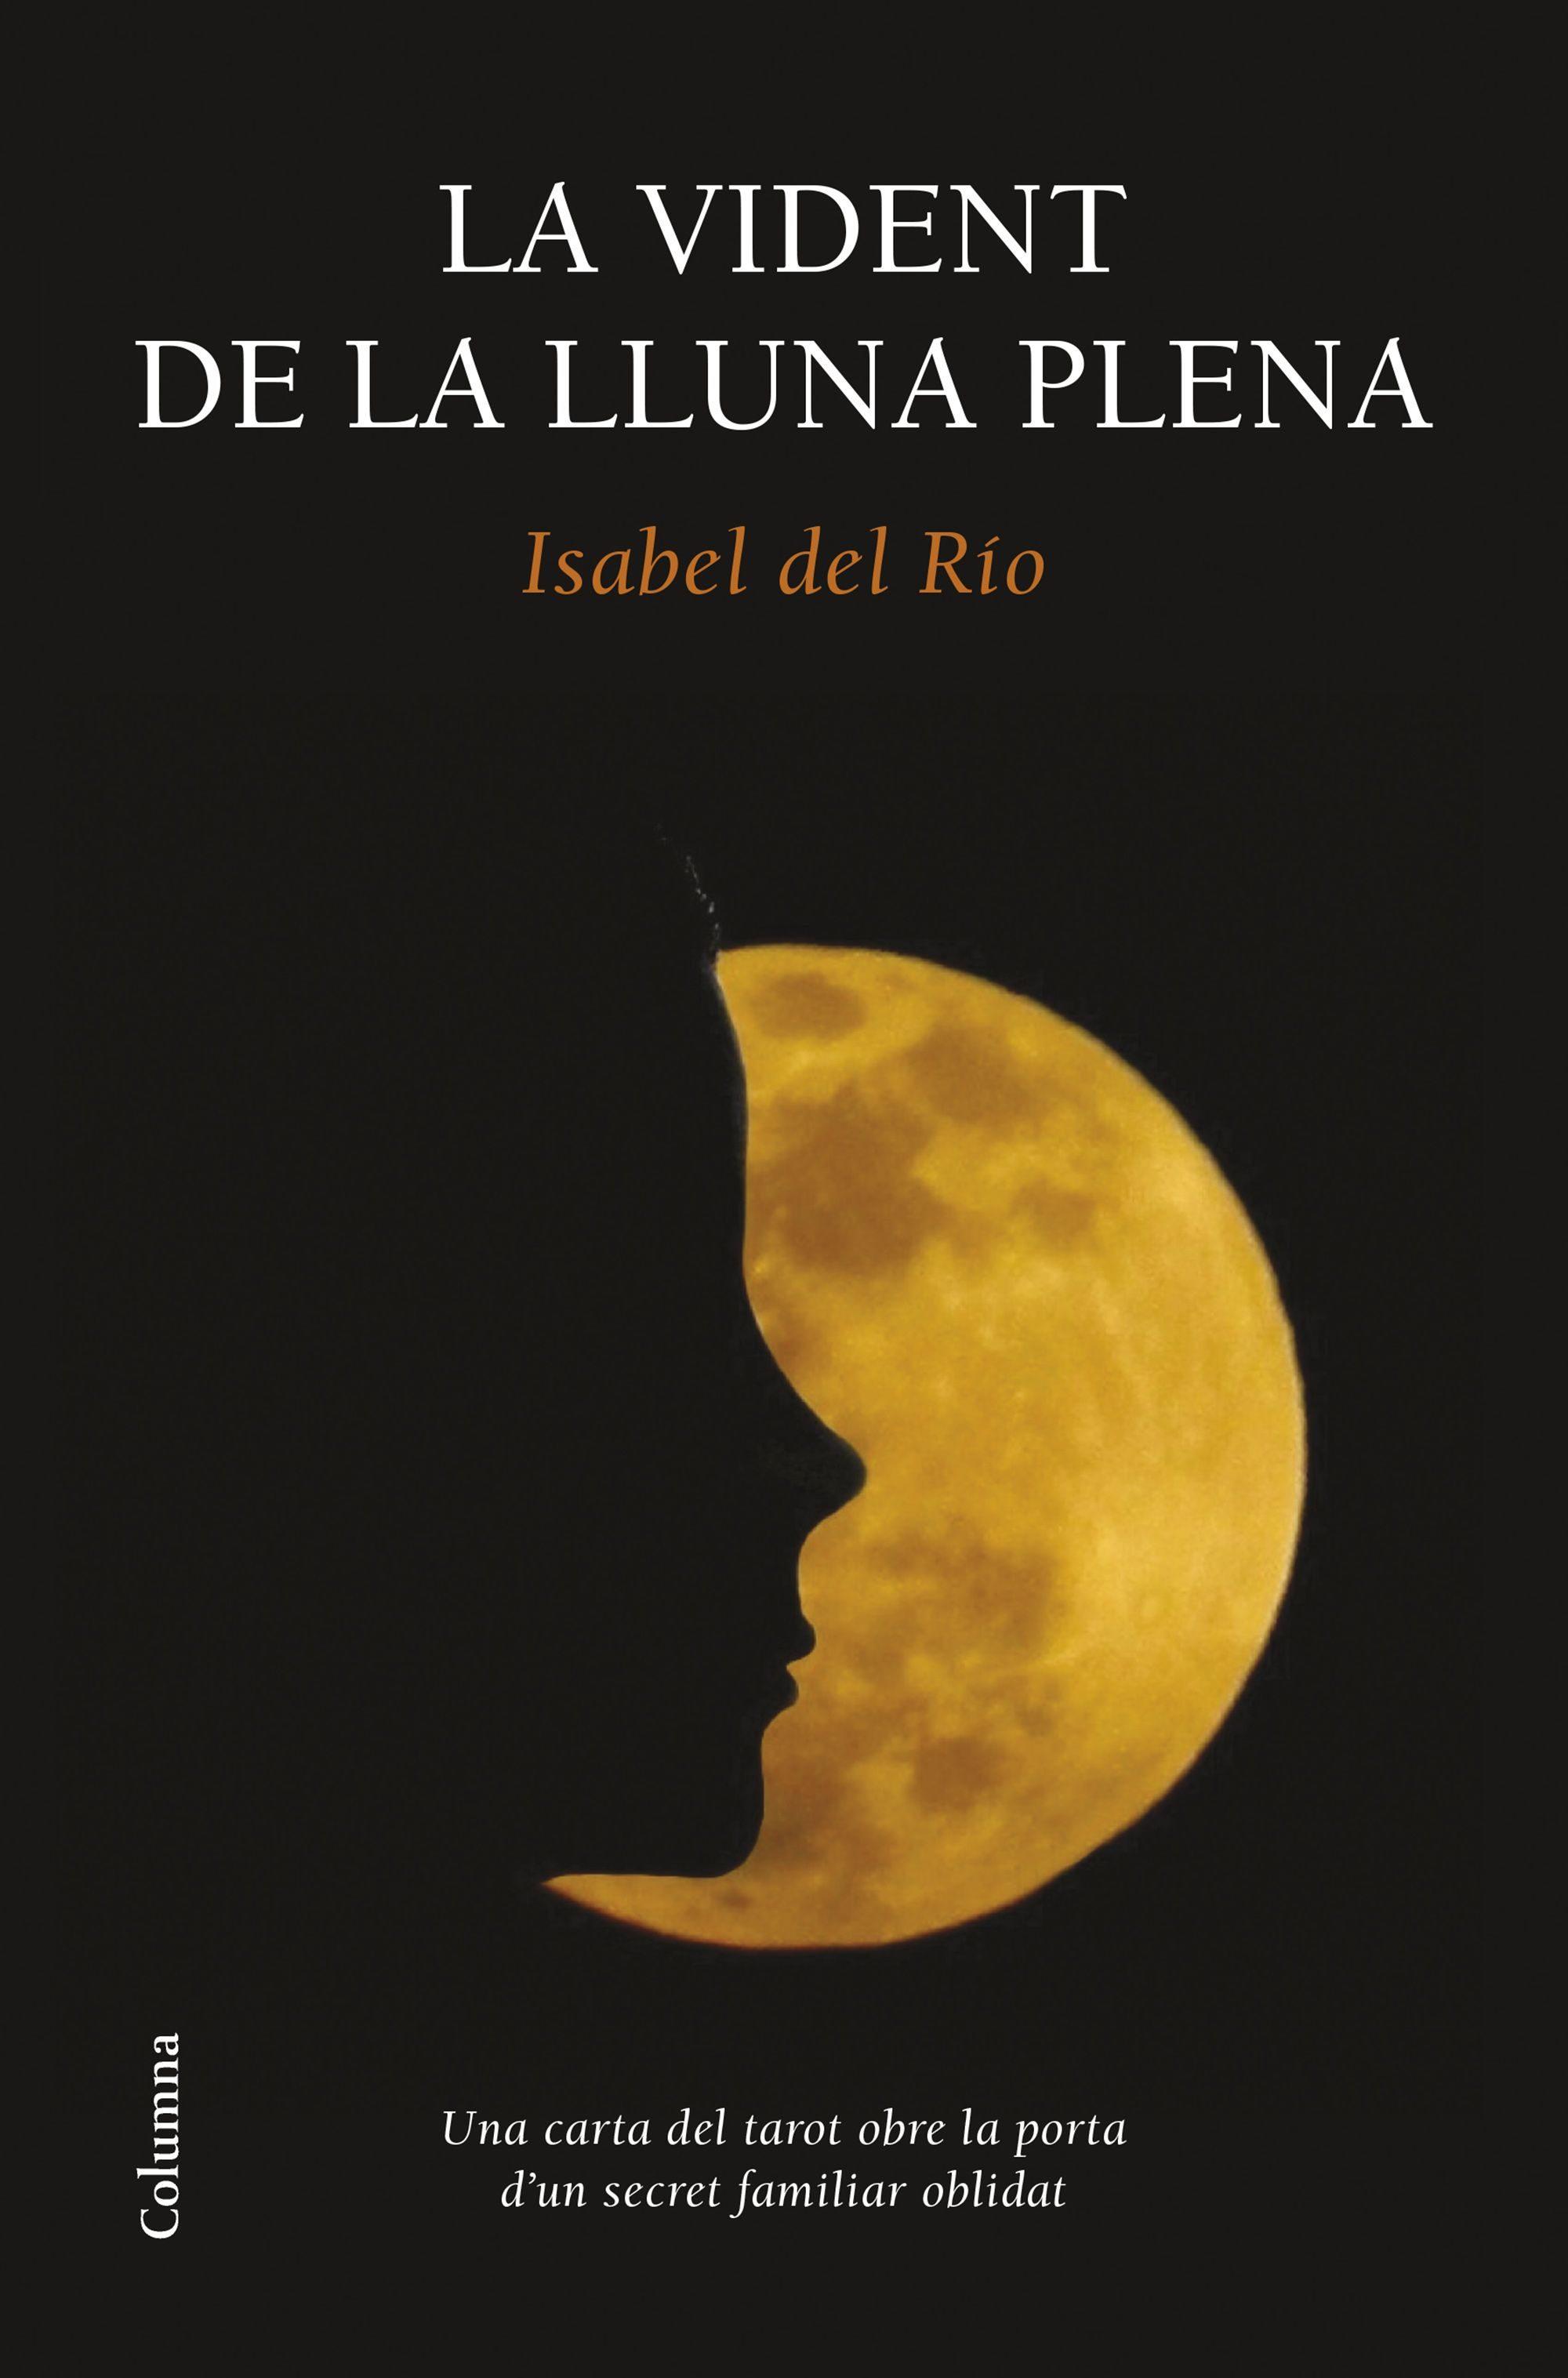 la vident de la lluna plena (ebook)-isabel del rio-9788466419734